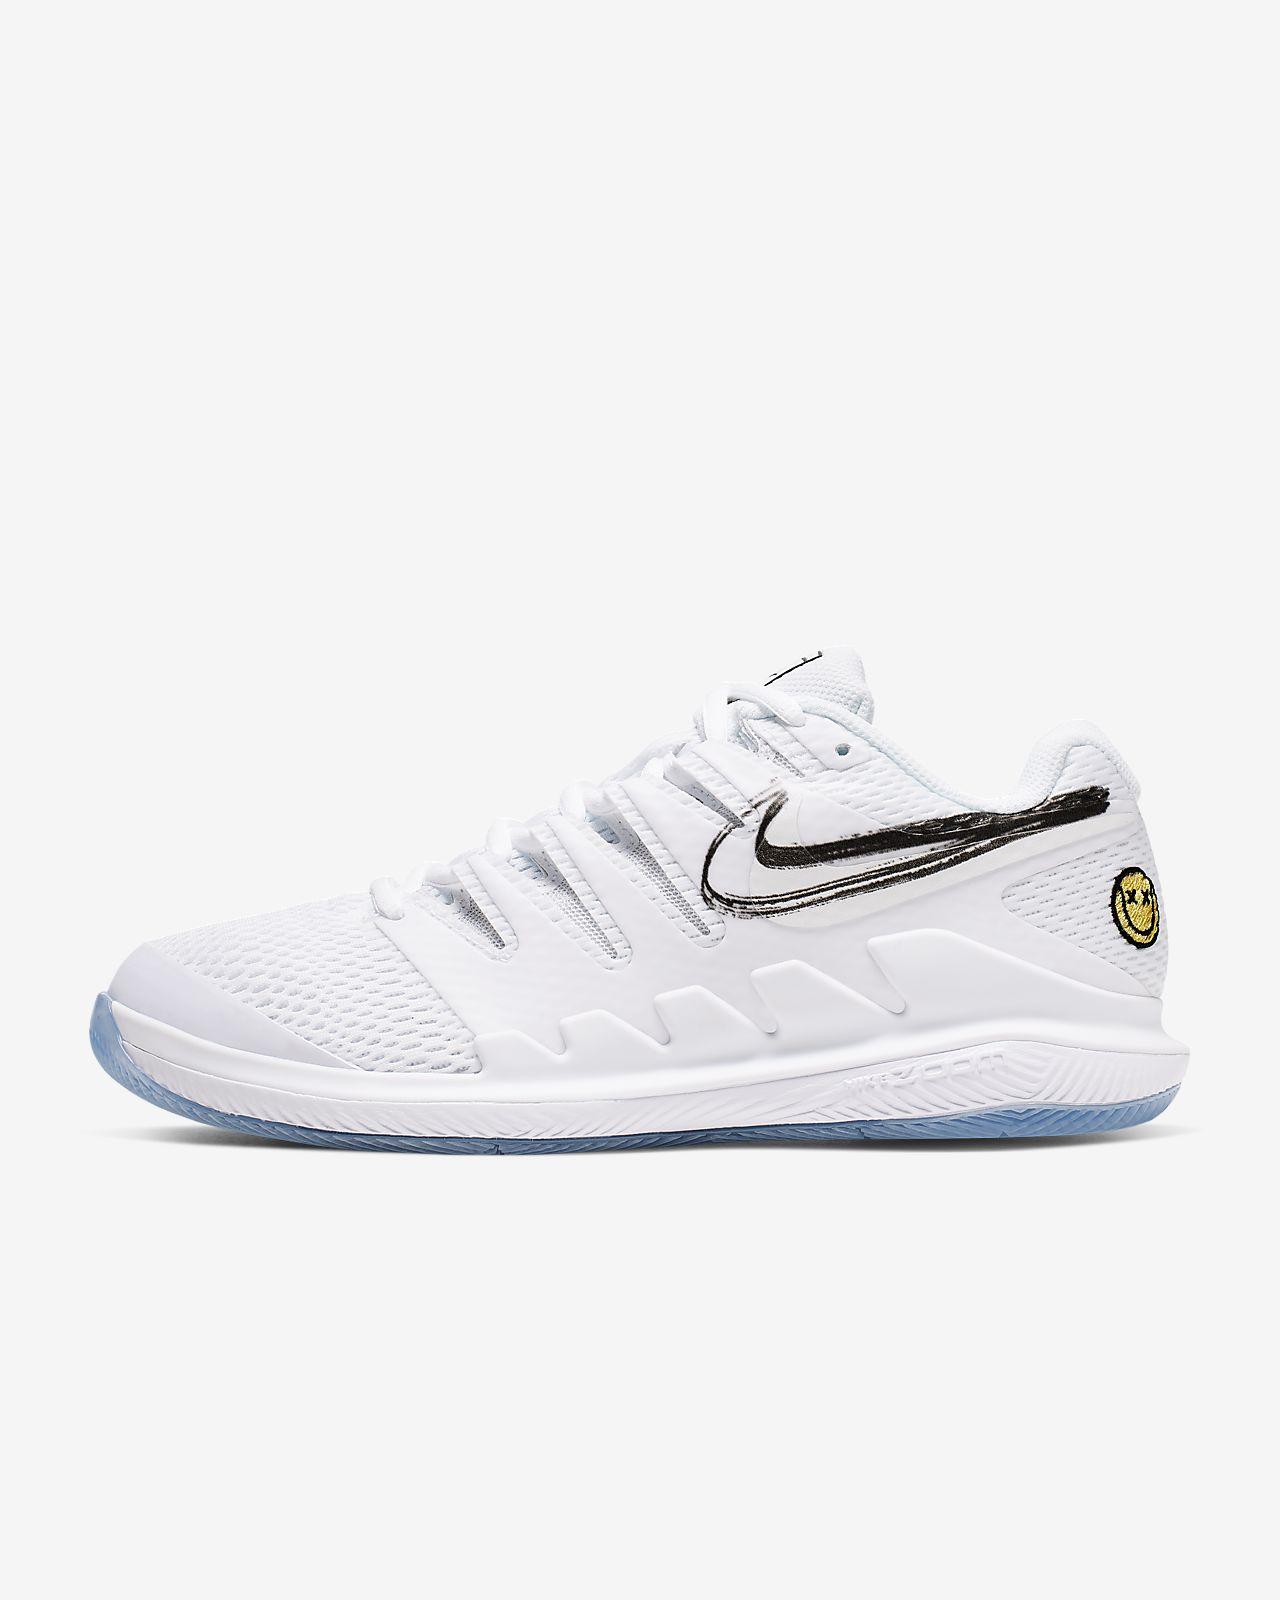 NikeCourt Air Zoom Vapor X Sert Kort Kadın Tenis Ayakkabısı